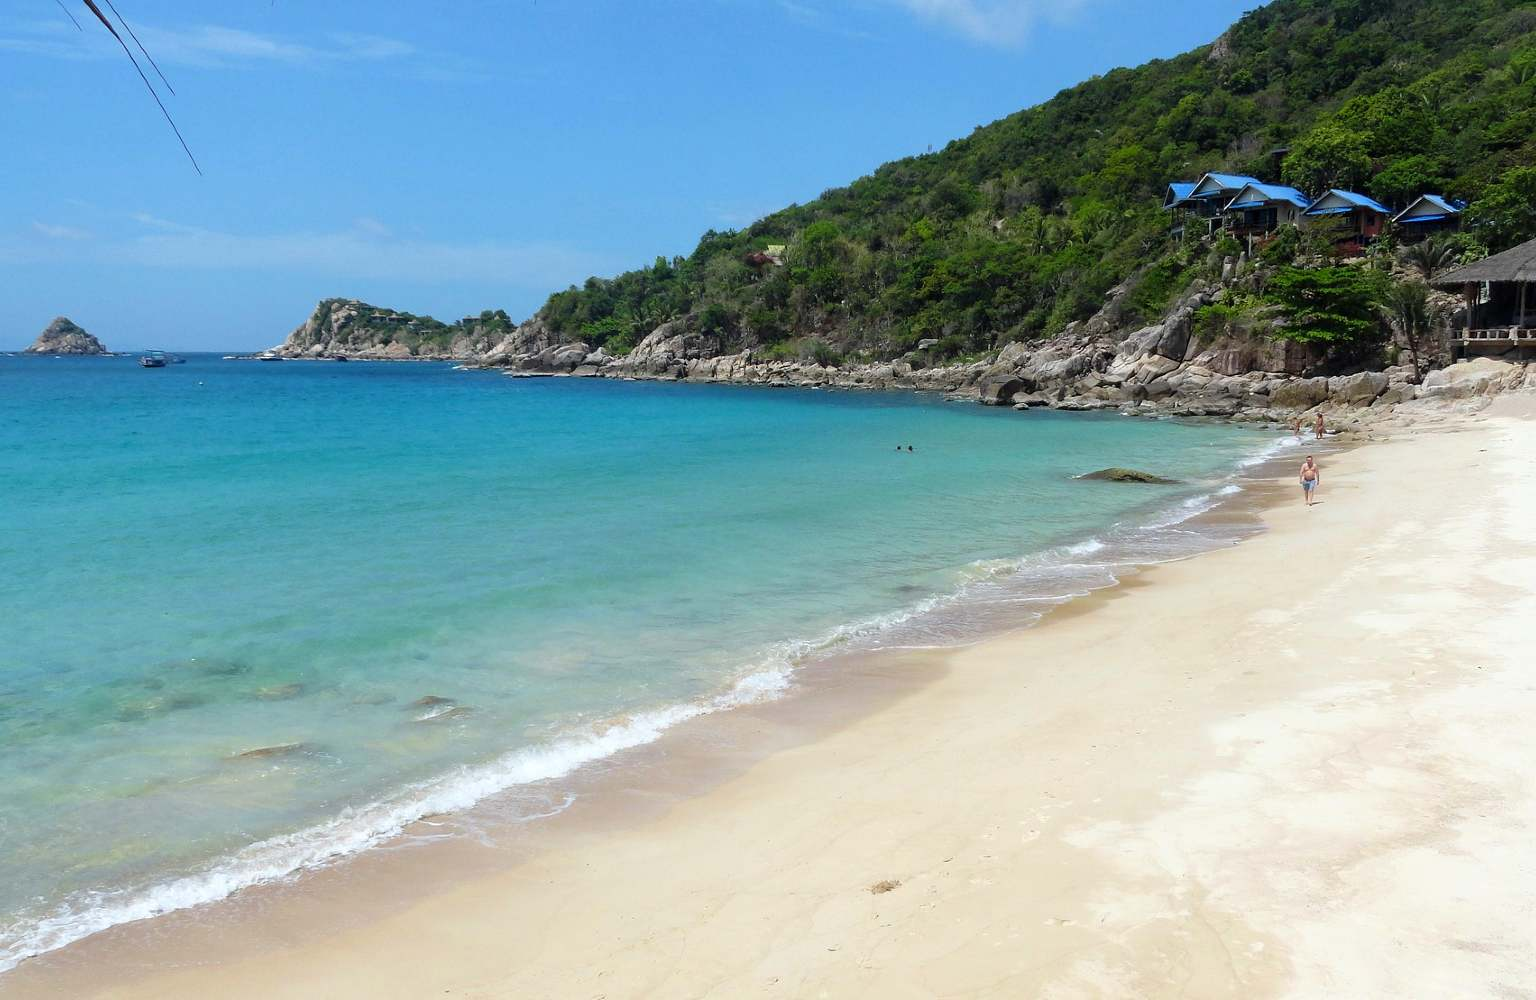 de zee van de baai Aow Leuk op Koh Tao